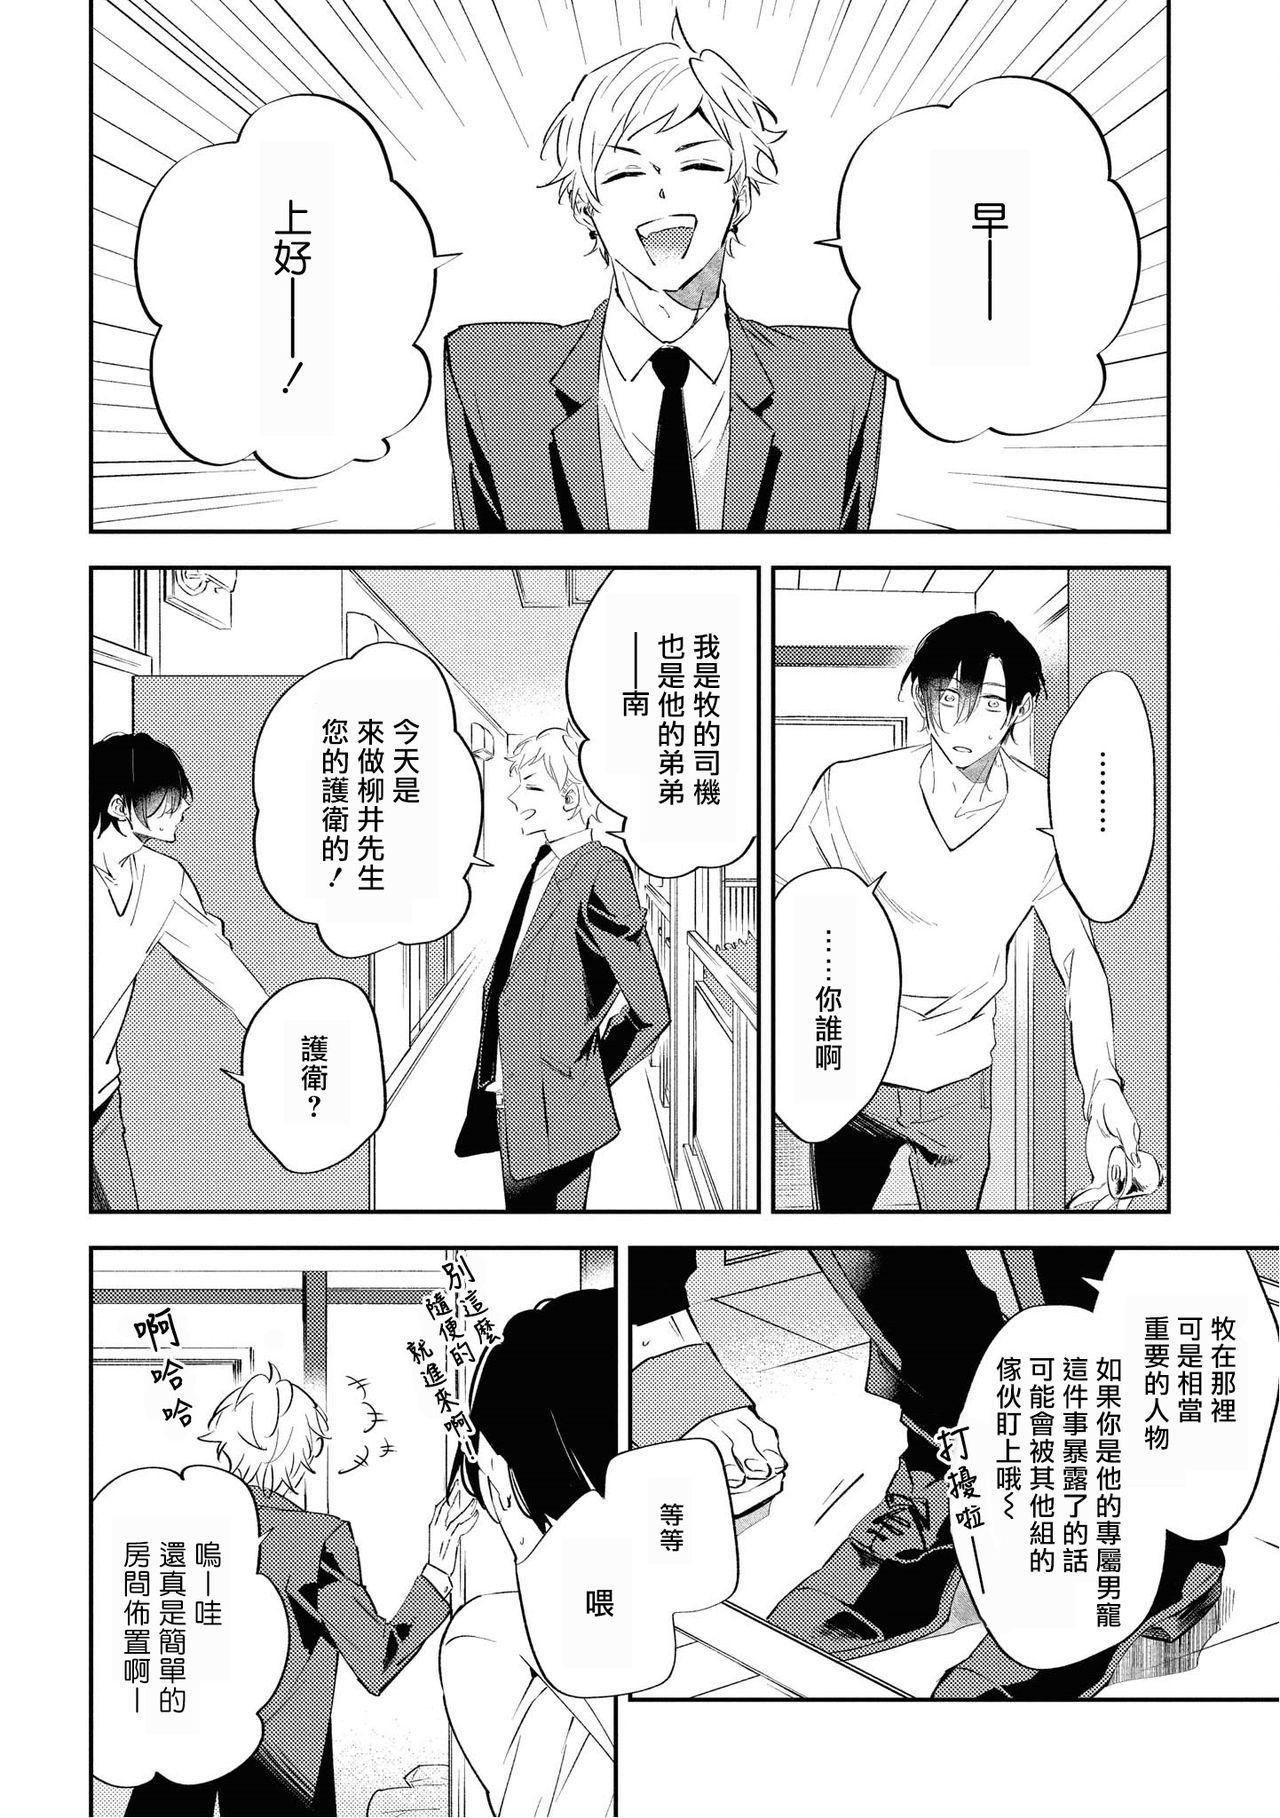 Okane Ariki no Kankei desu ga | 与债有关 Ch. 1-4 40